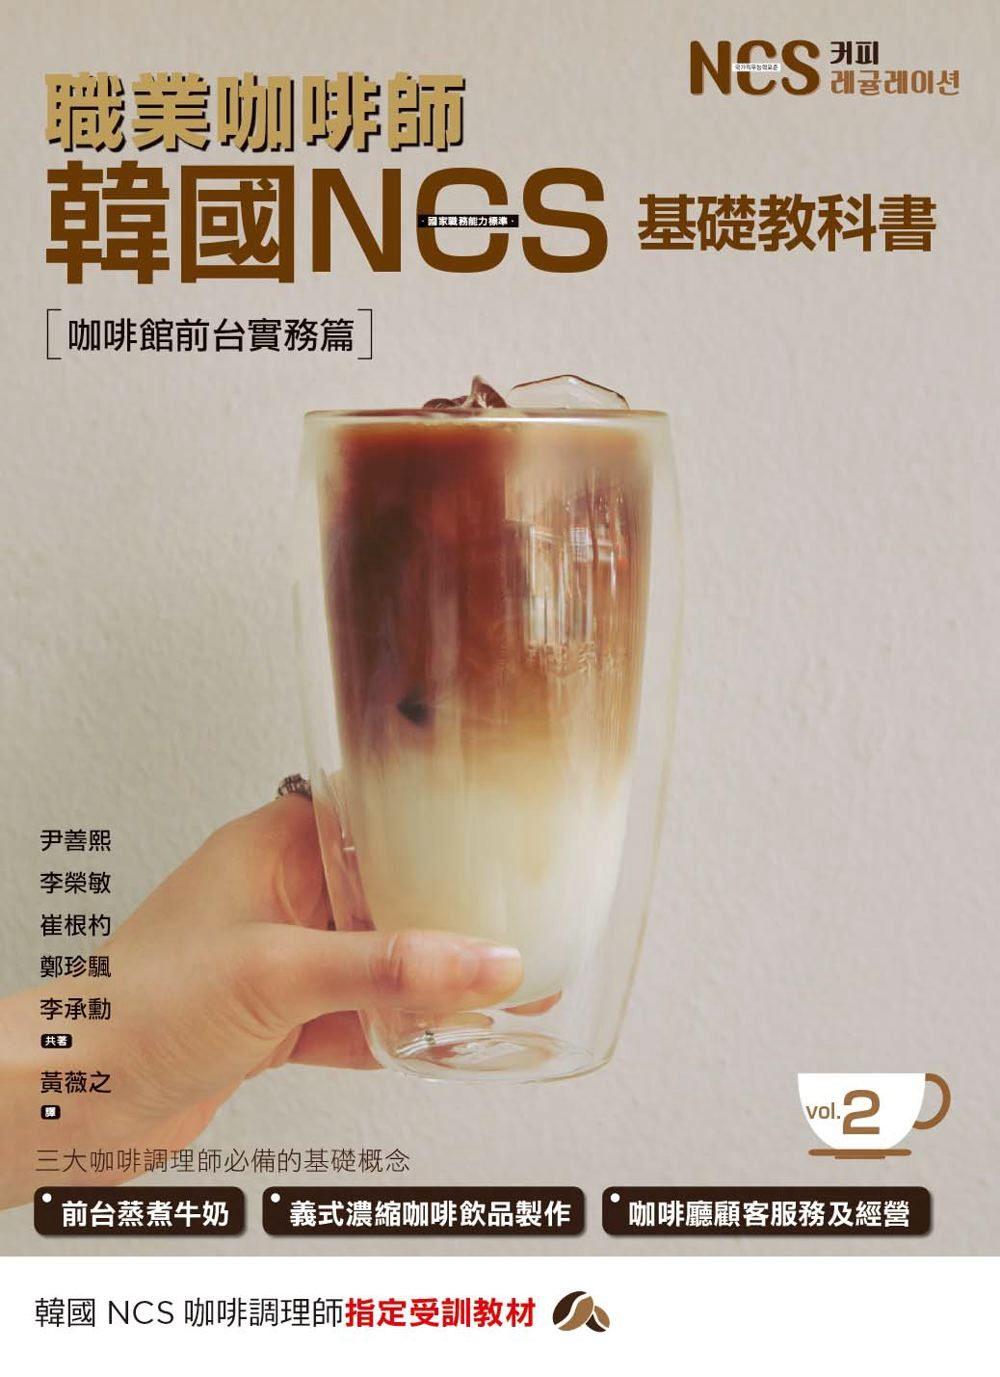 職業咖啡師 韓國NCS基礎教科書vol.2 咖啡館前台實務篇